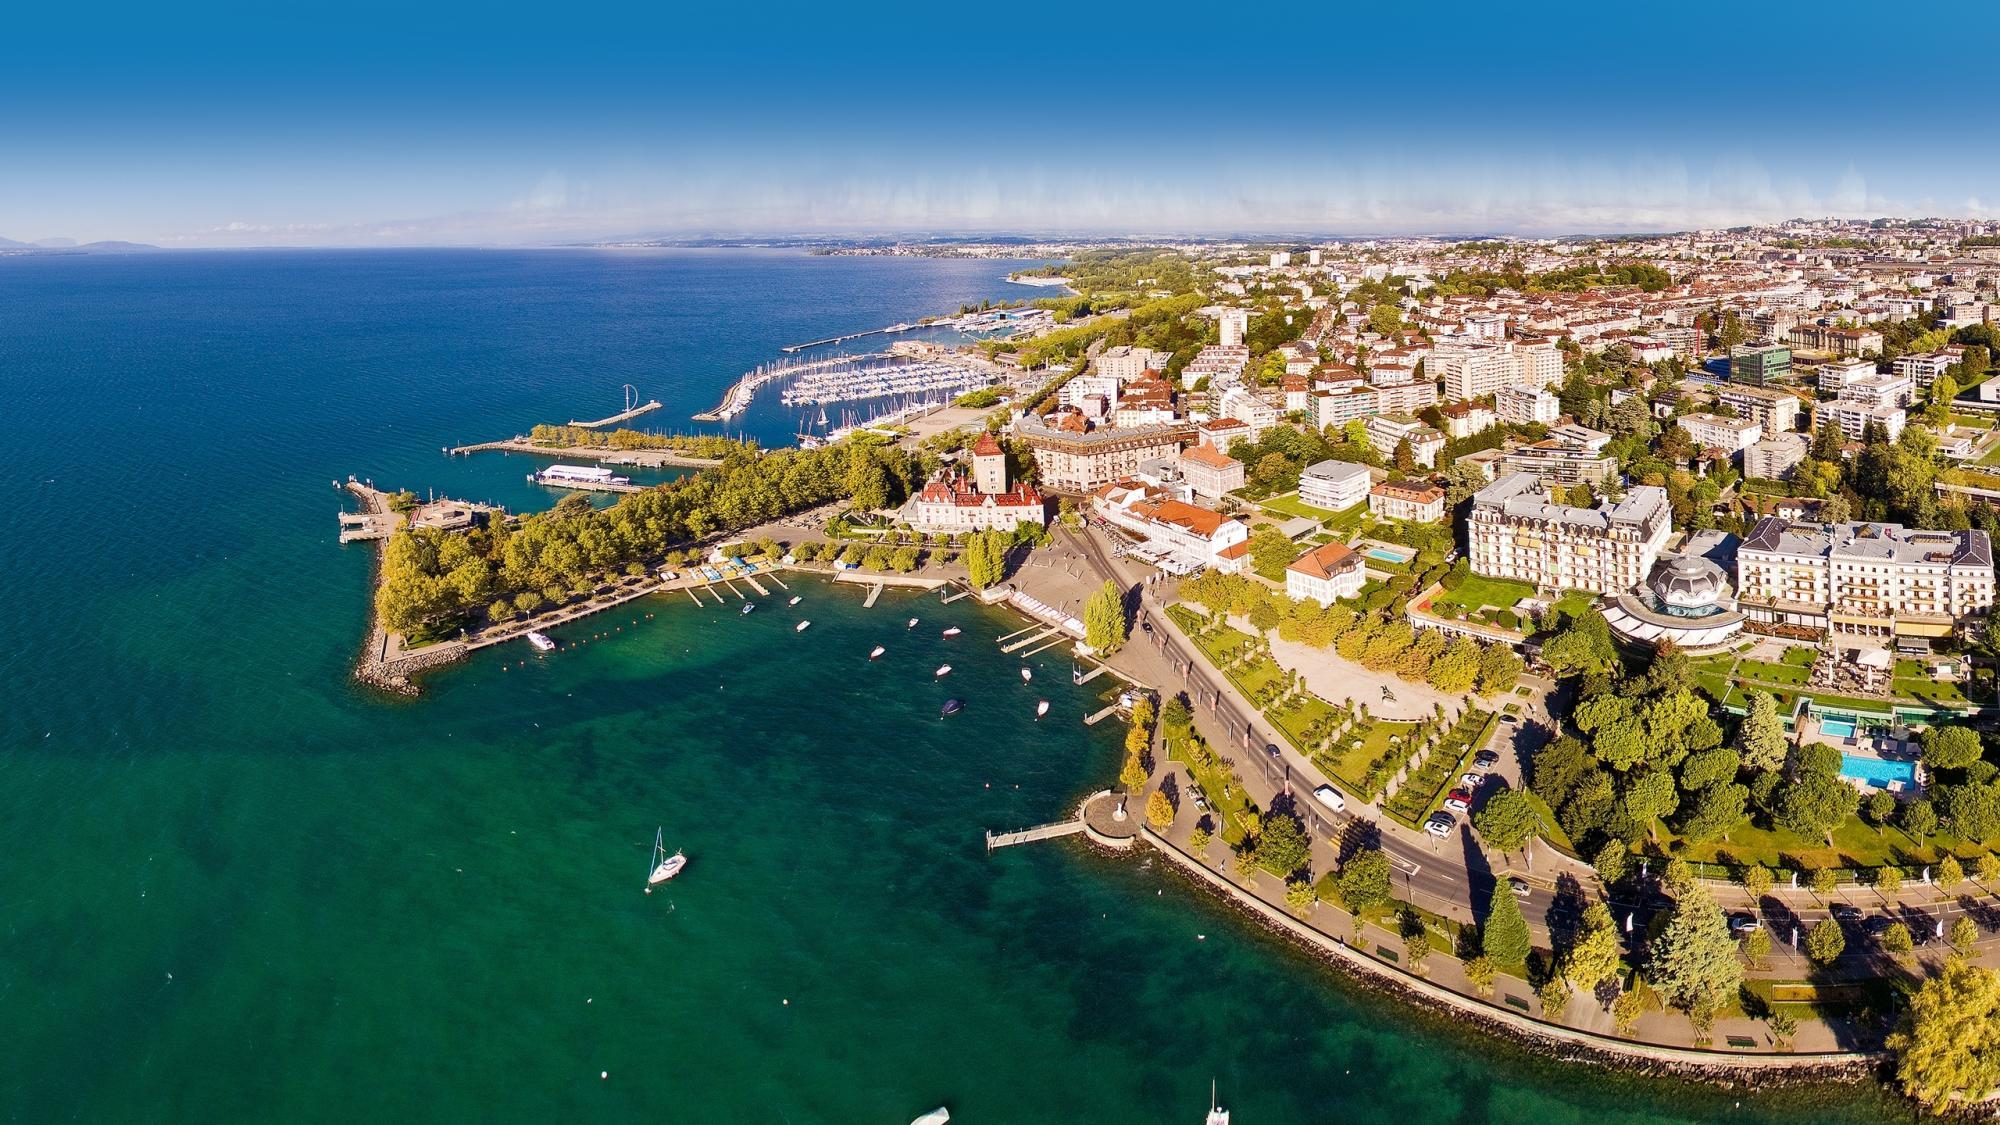 10 reasons to choose lausanne lausanne tourisme for Bellerive lausanne piscine